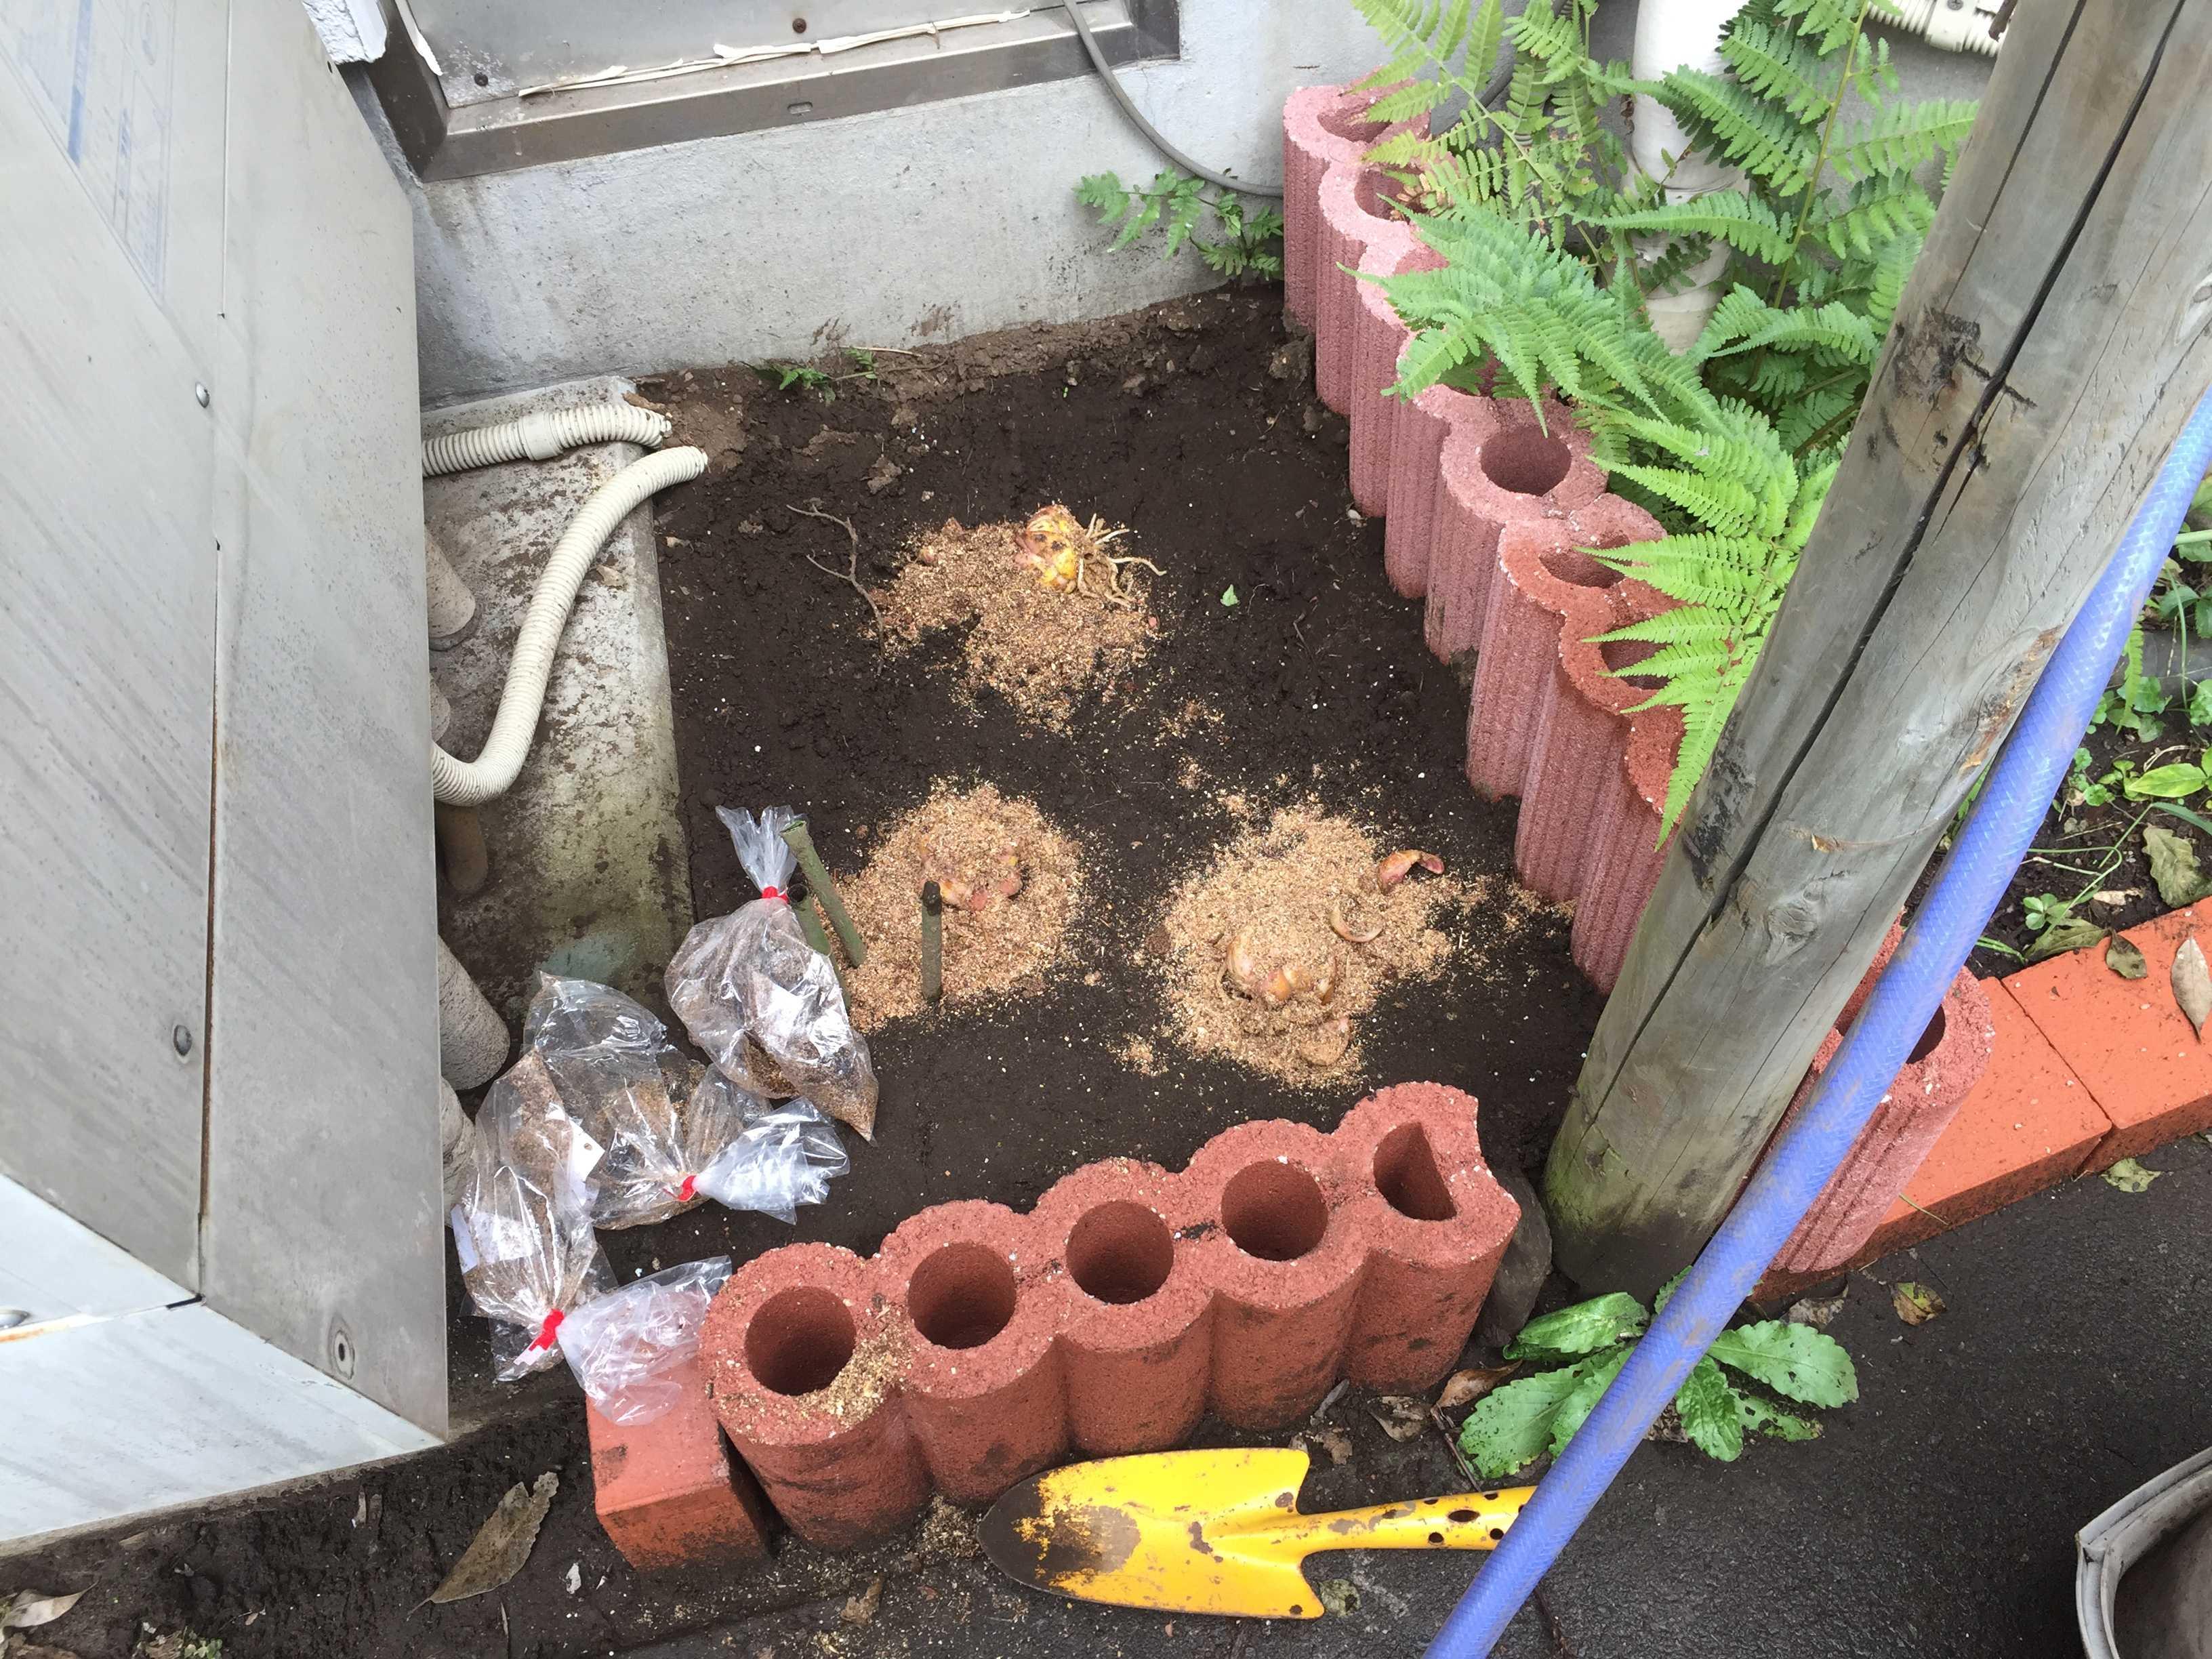 ヤマユリの球根植え付け - 球根植栽